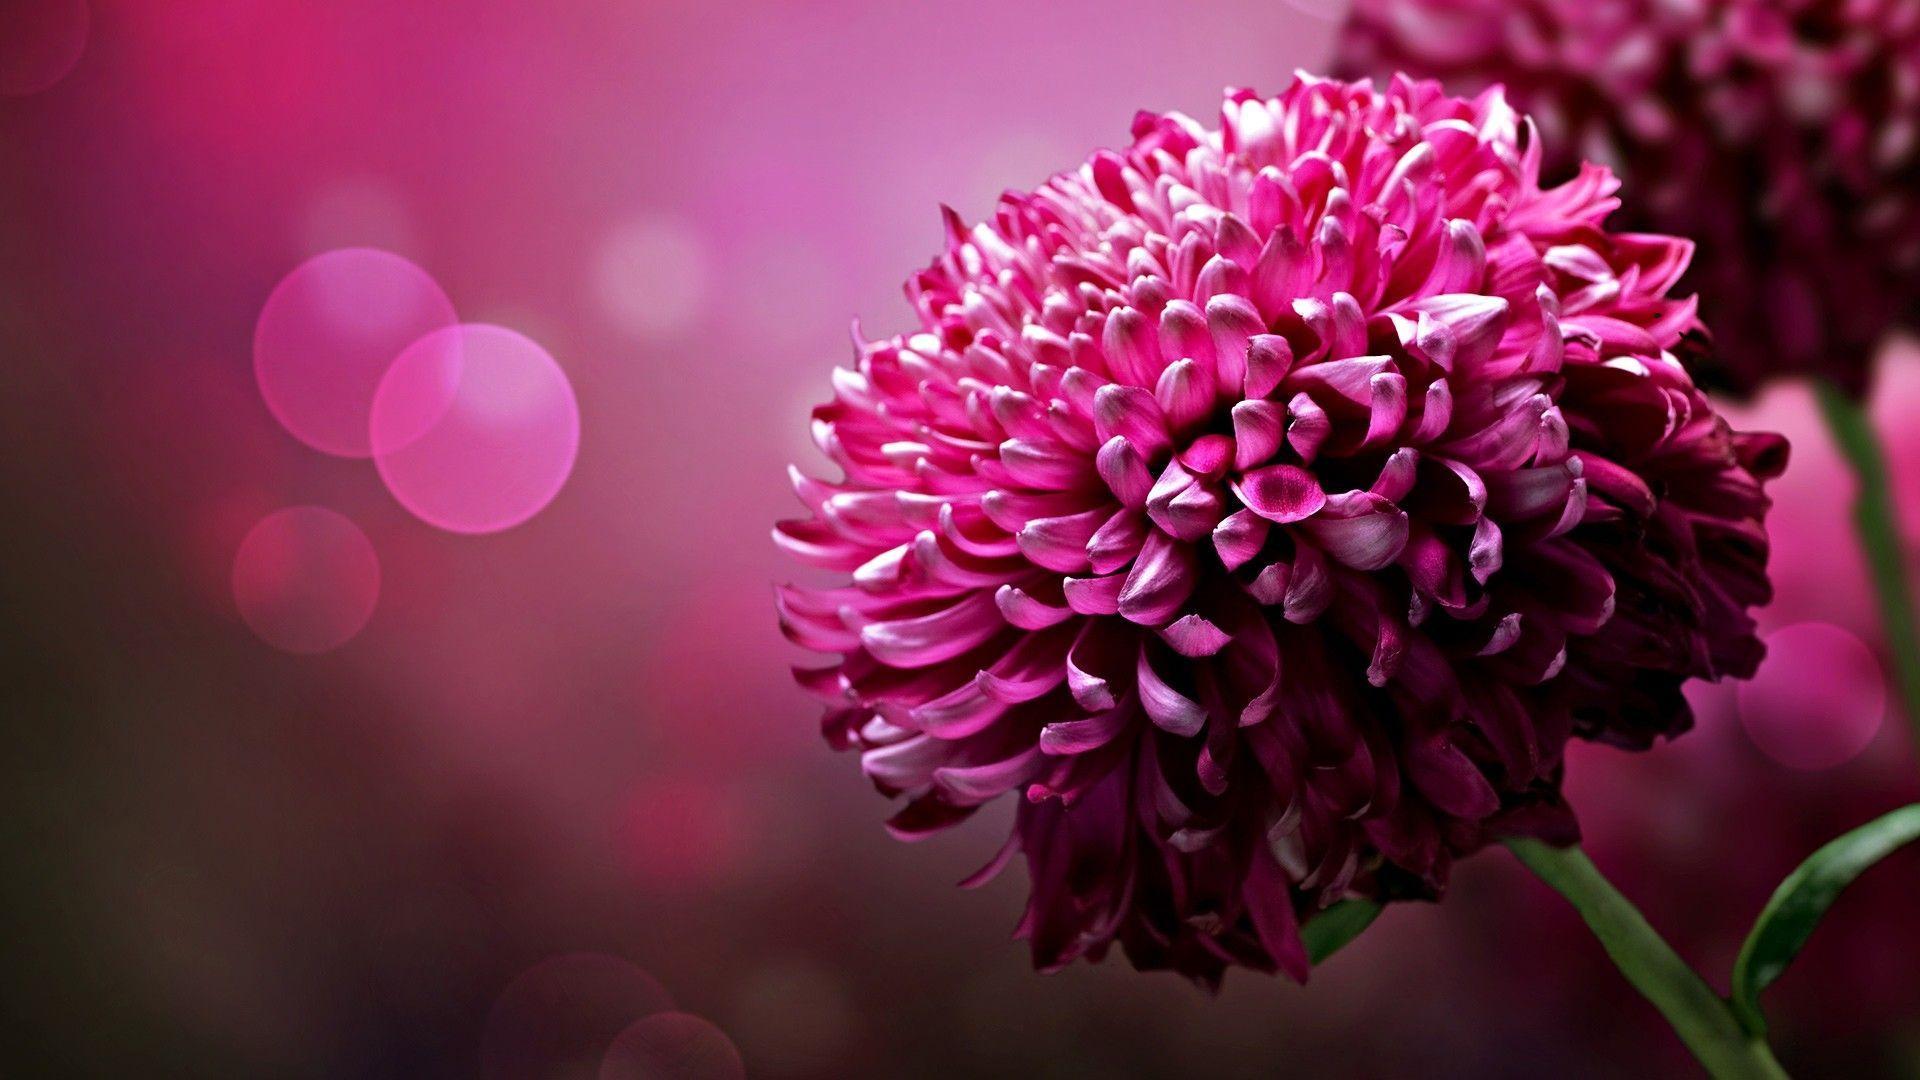 hot pink flower wallpaper 07 - [1920x1080]